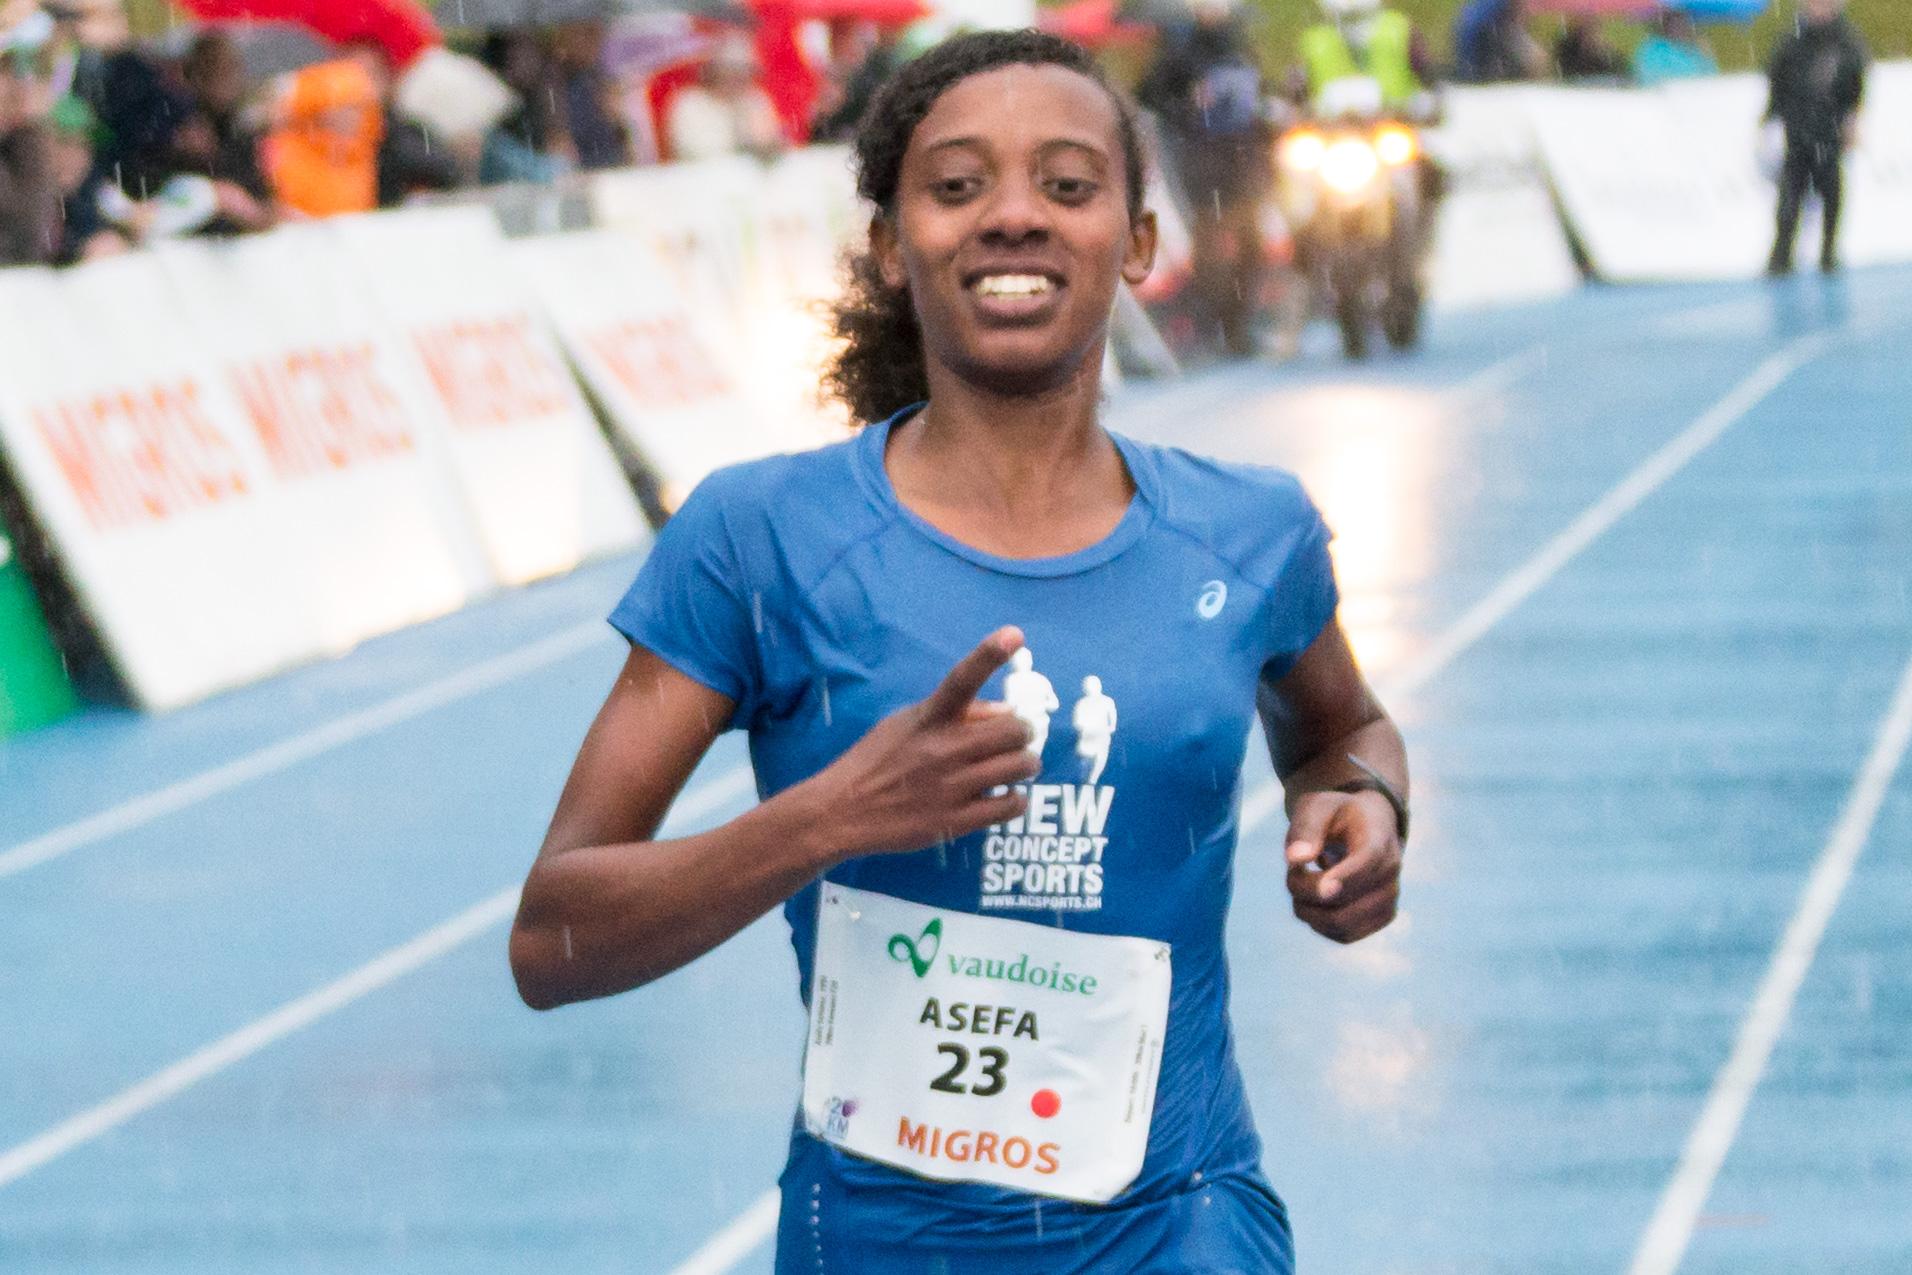 asefa (1 of 4)